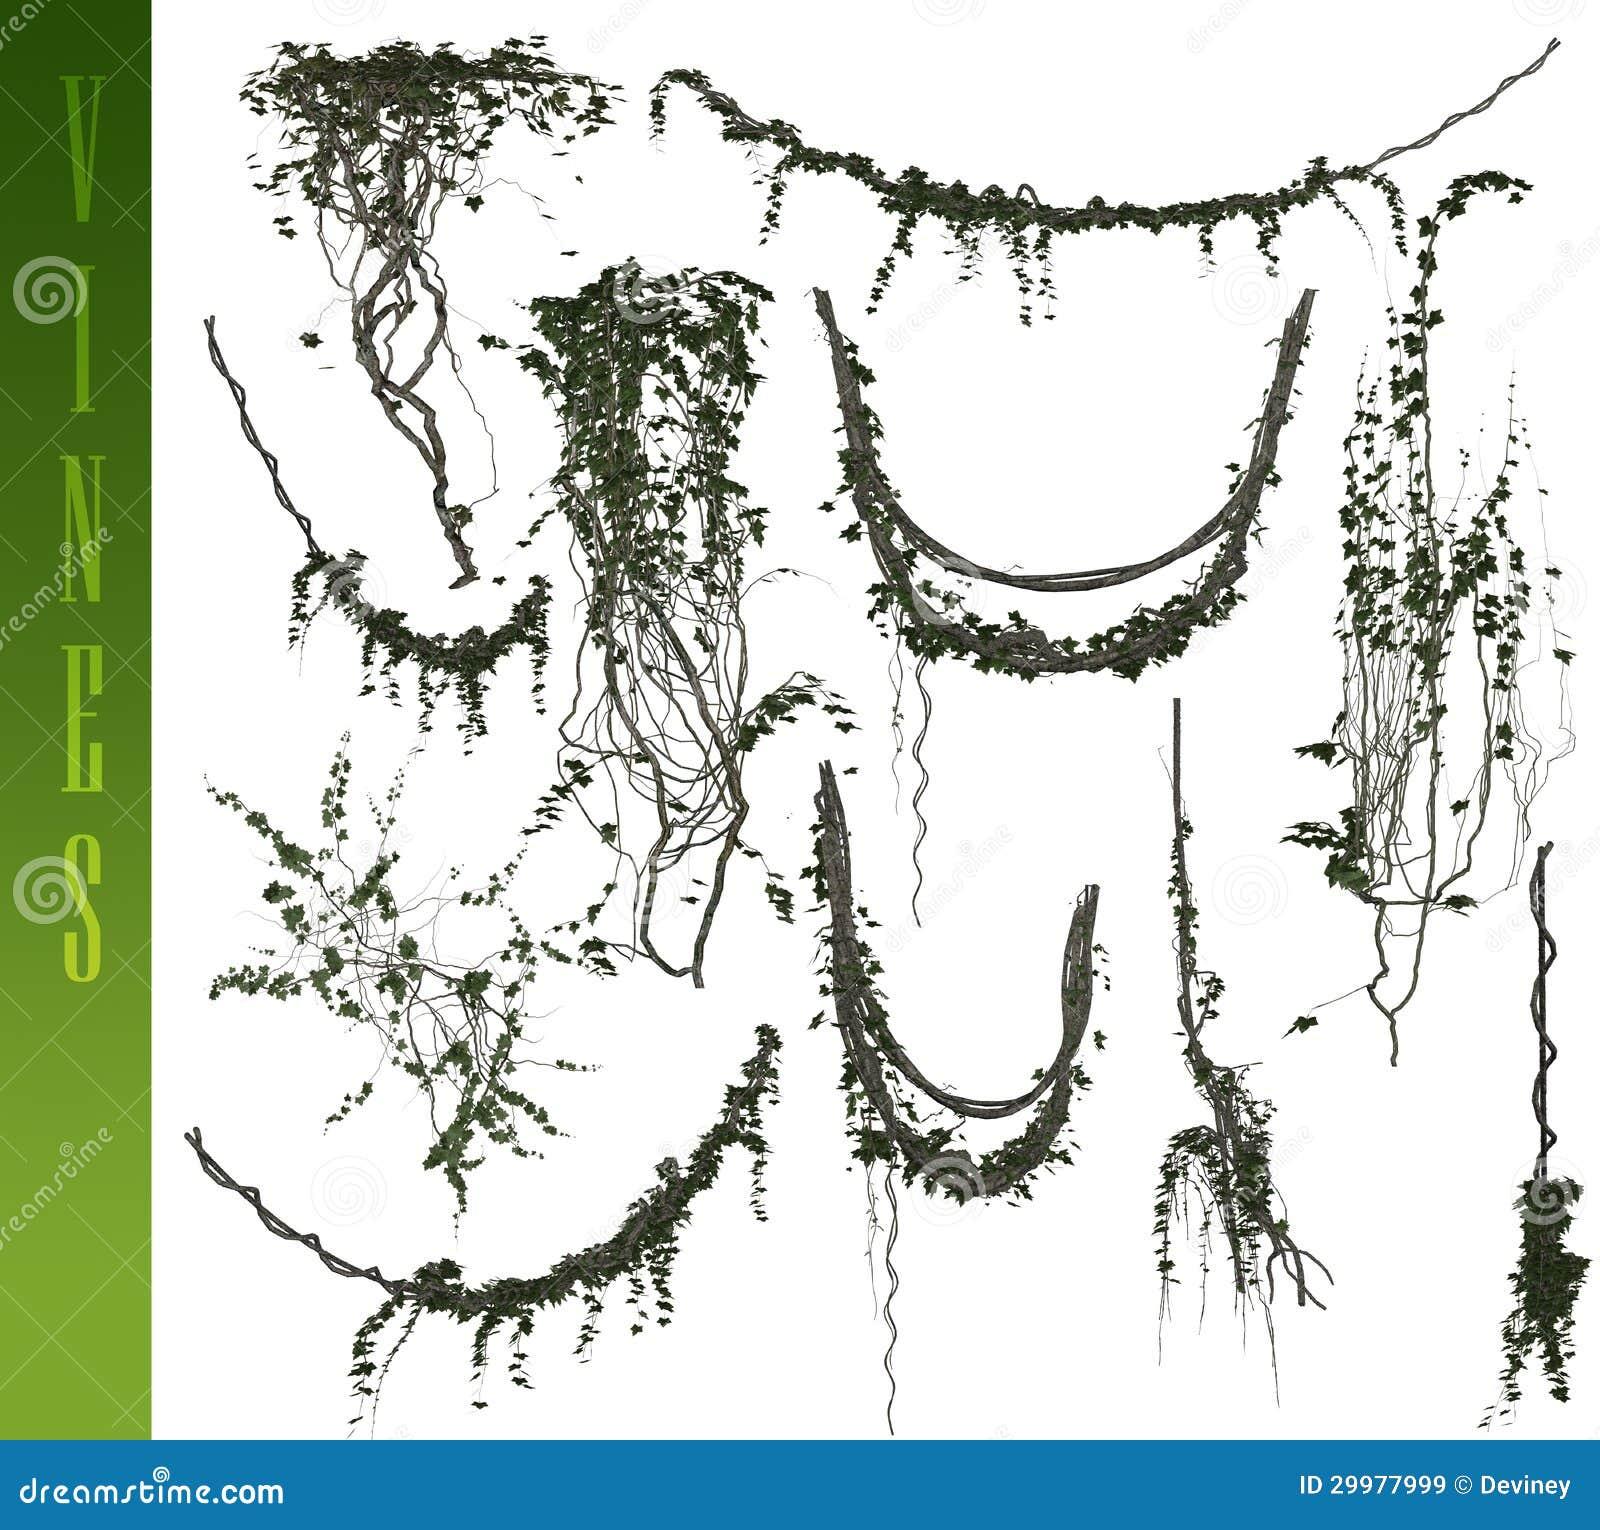 3D vines